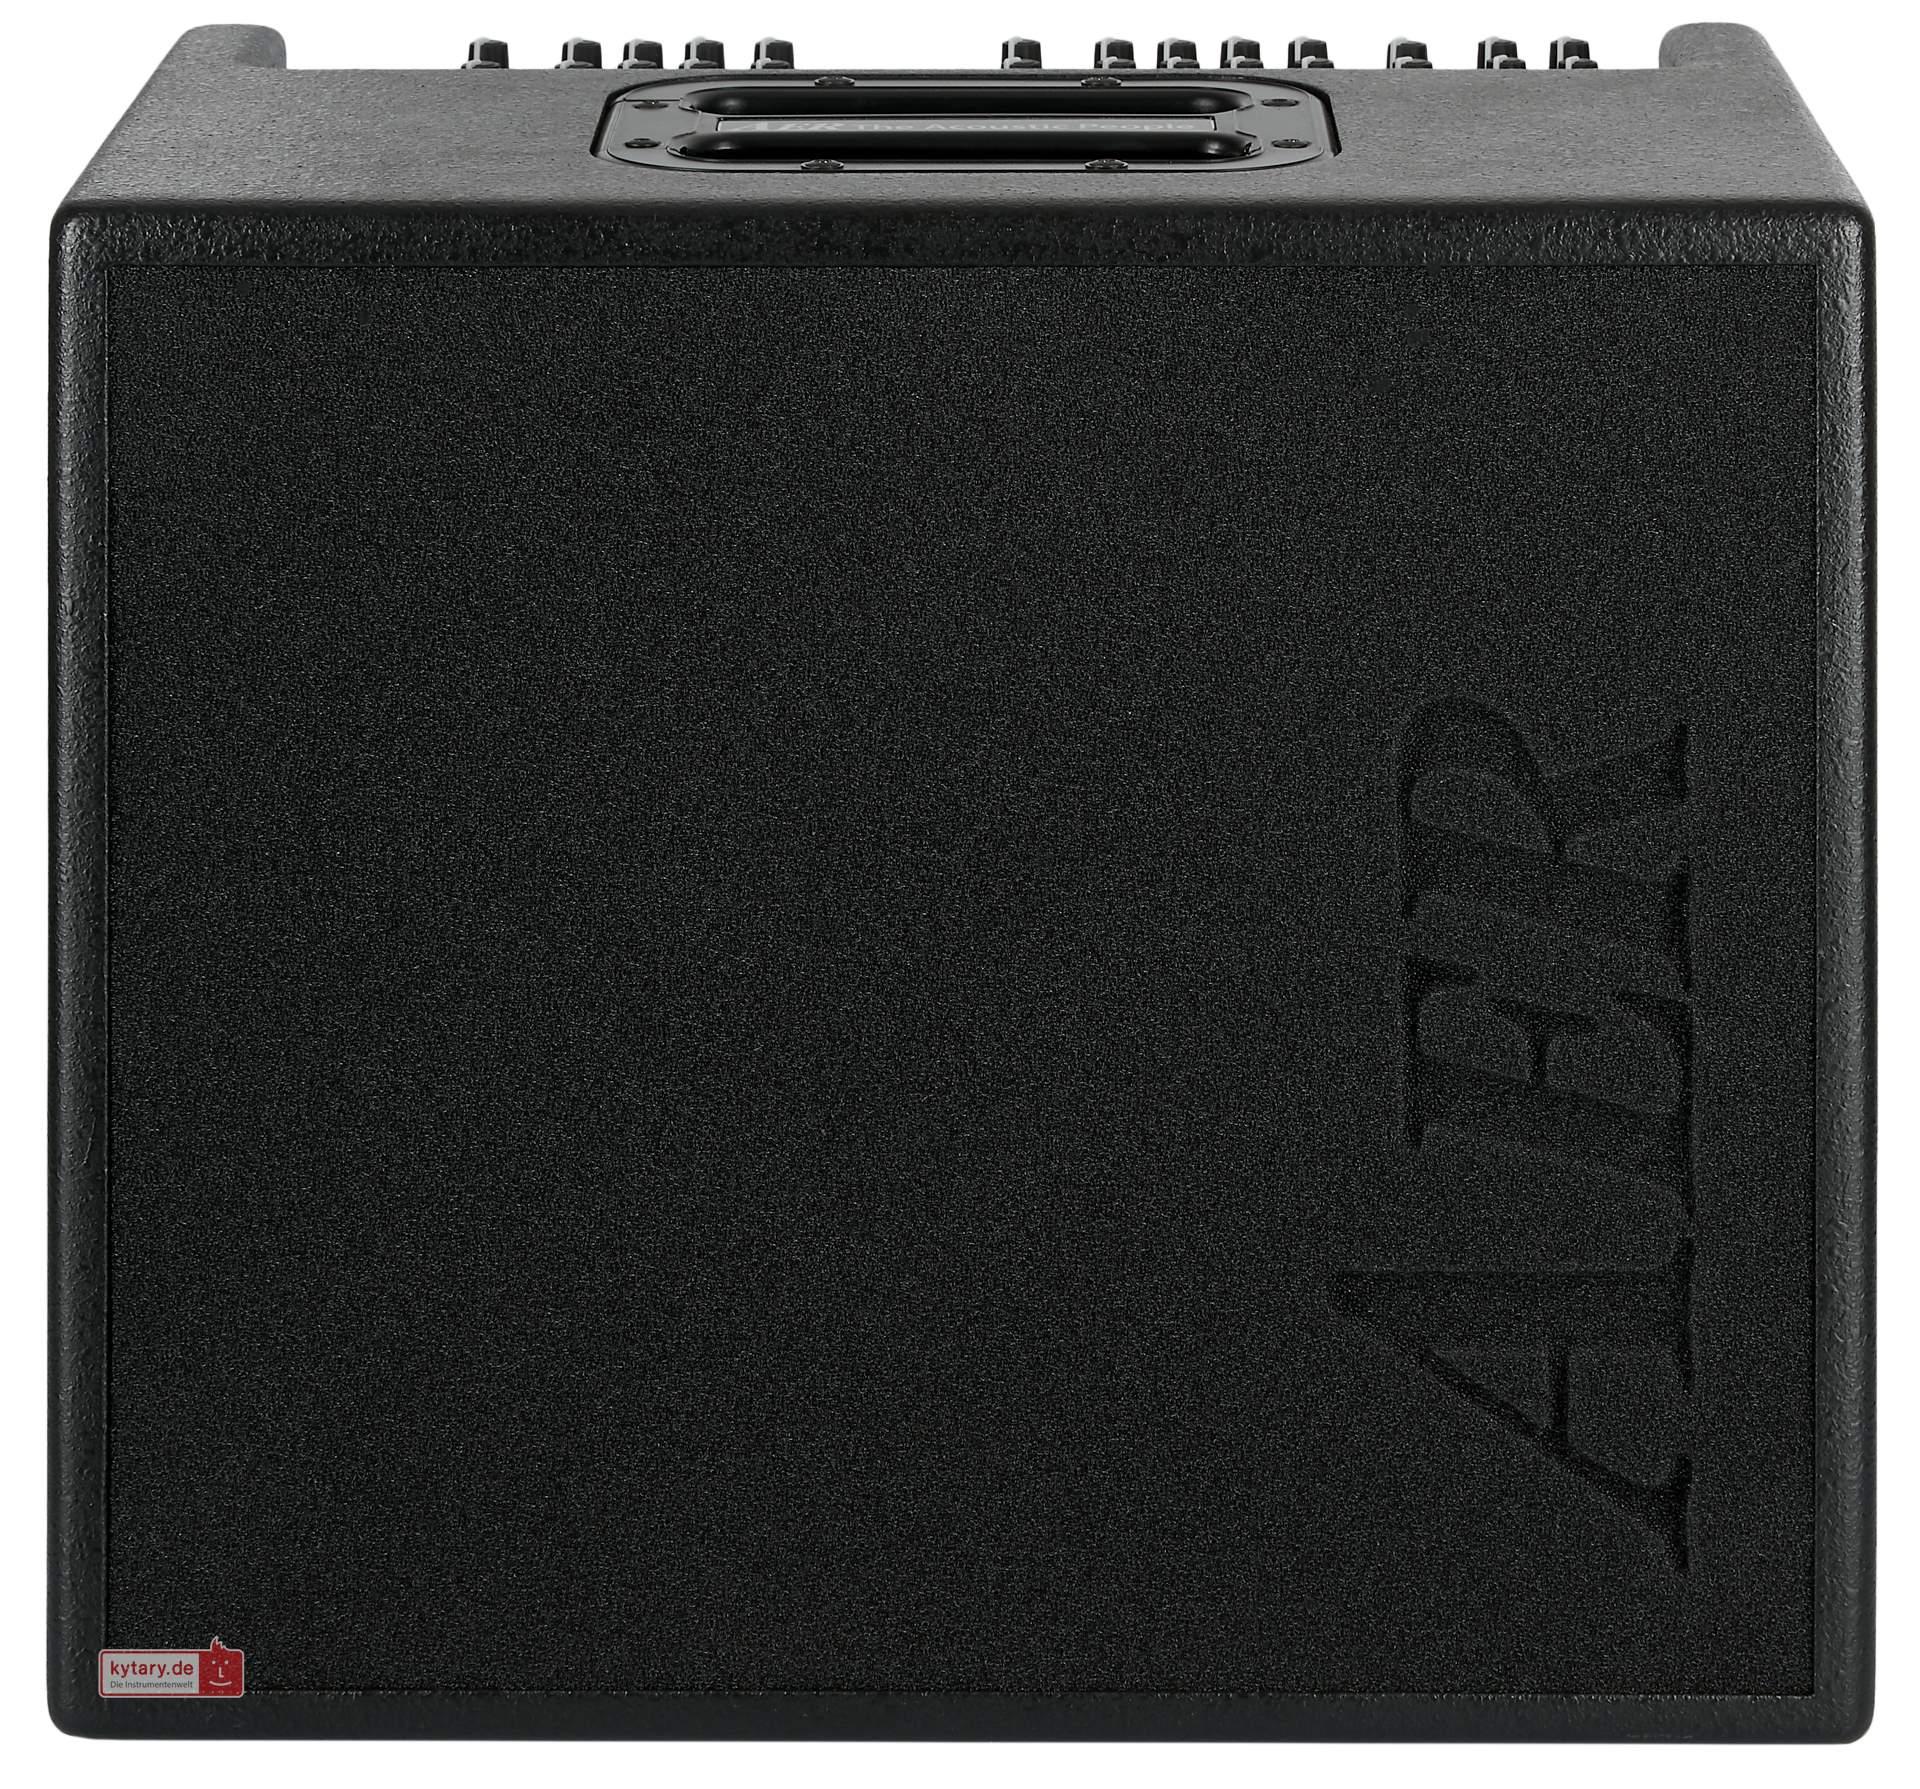 AER Domino 3 - Combo für akustische Instrumente | 200 Watt, 4 Eingänge zB 2x Gitarre, 2x Vocal | 2 Effektprozessoren | aus Deutschland